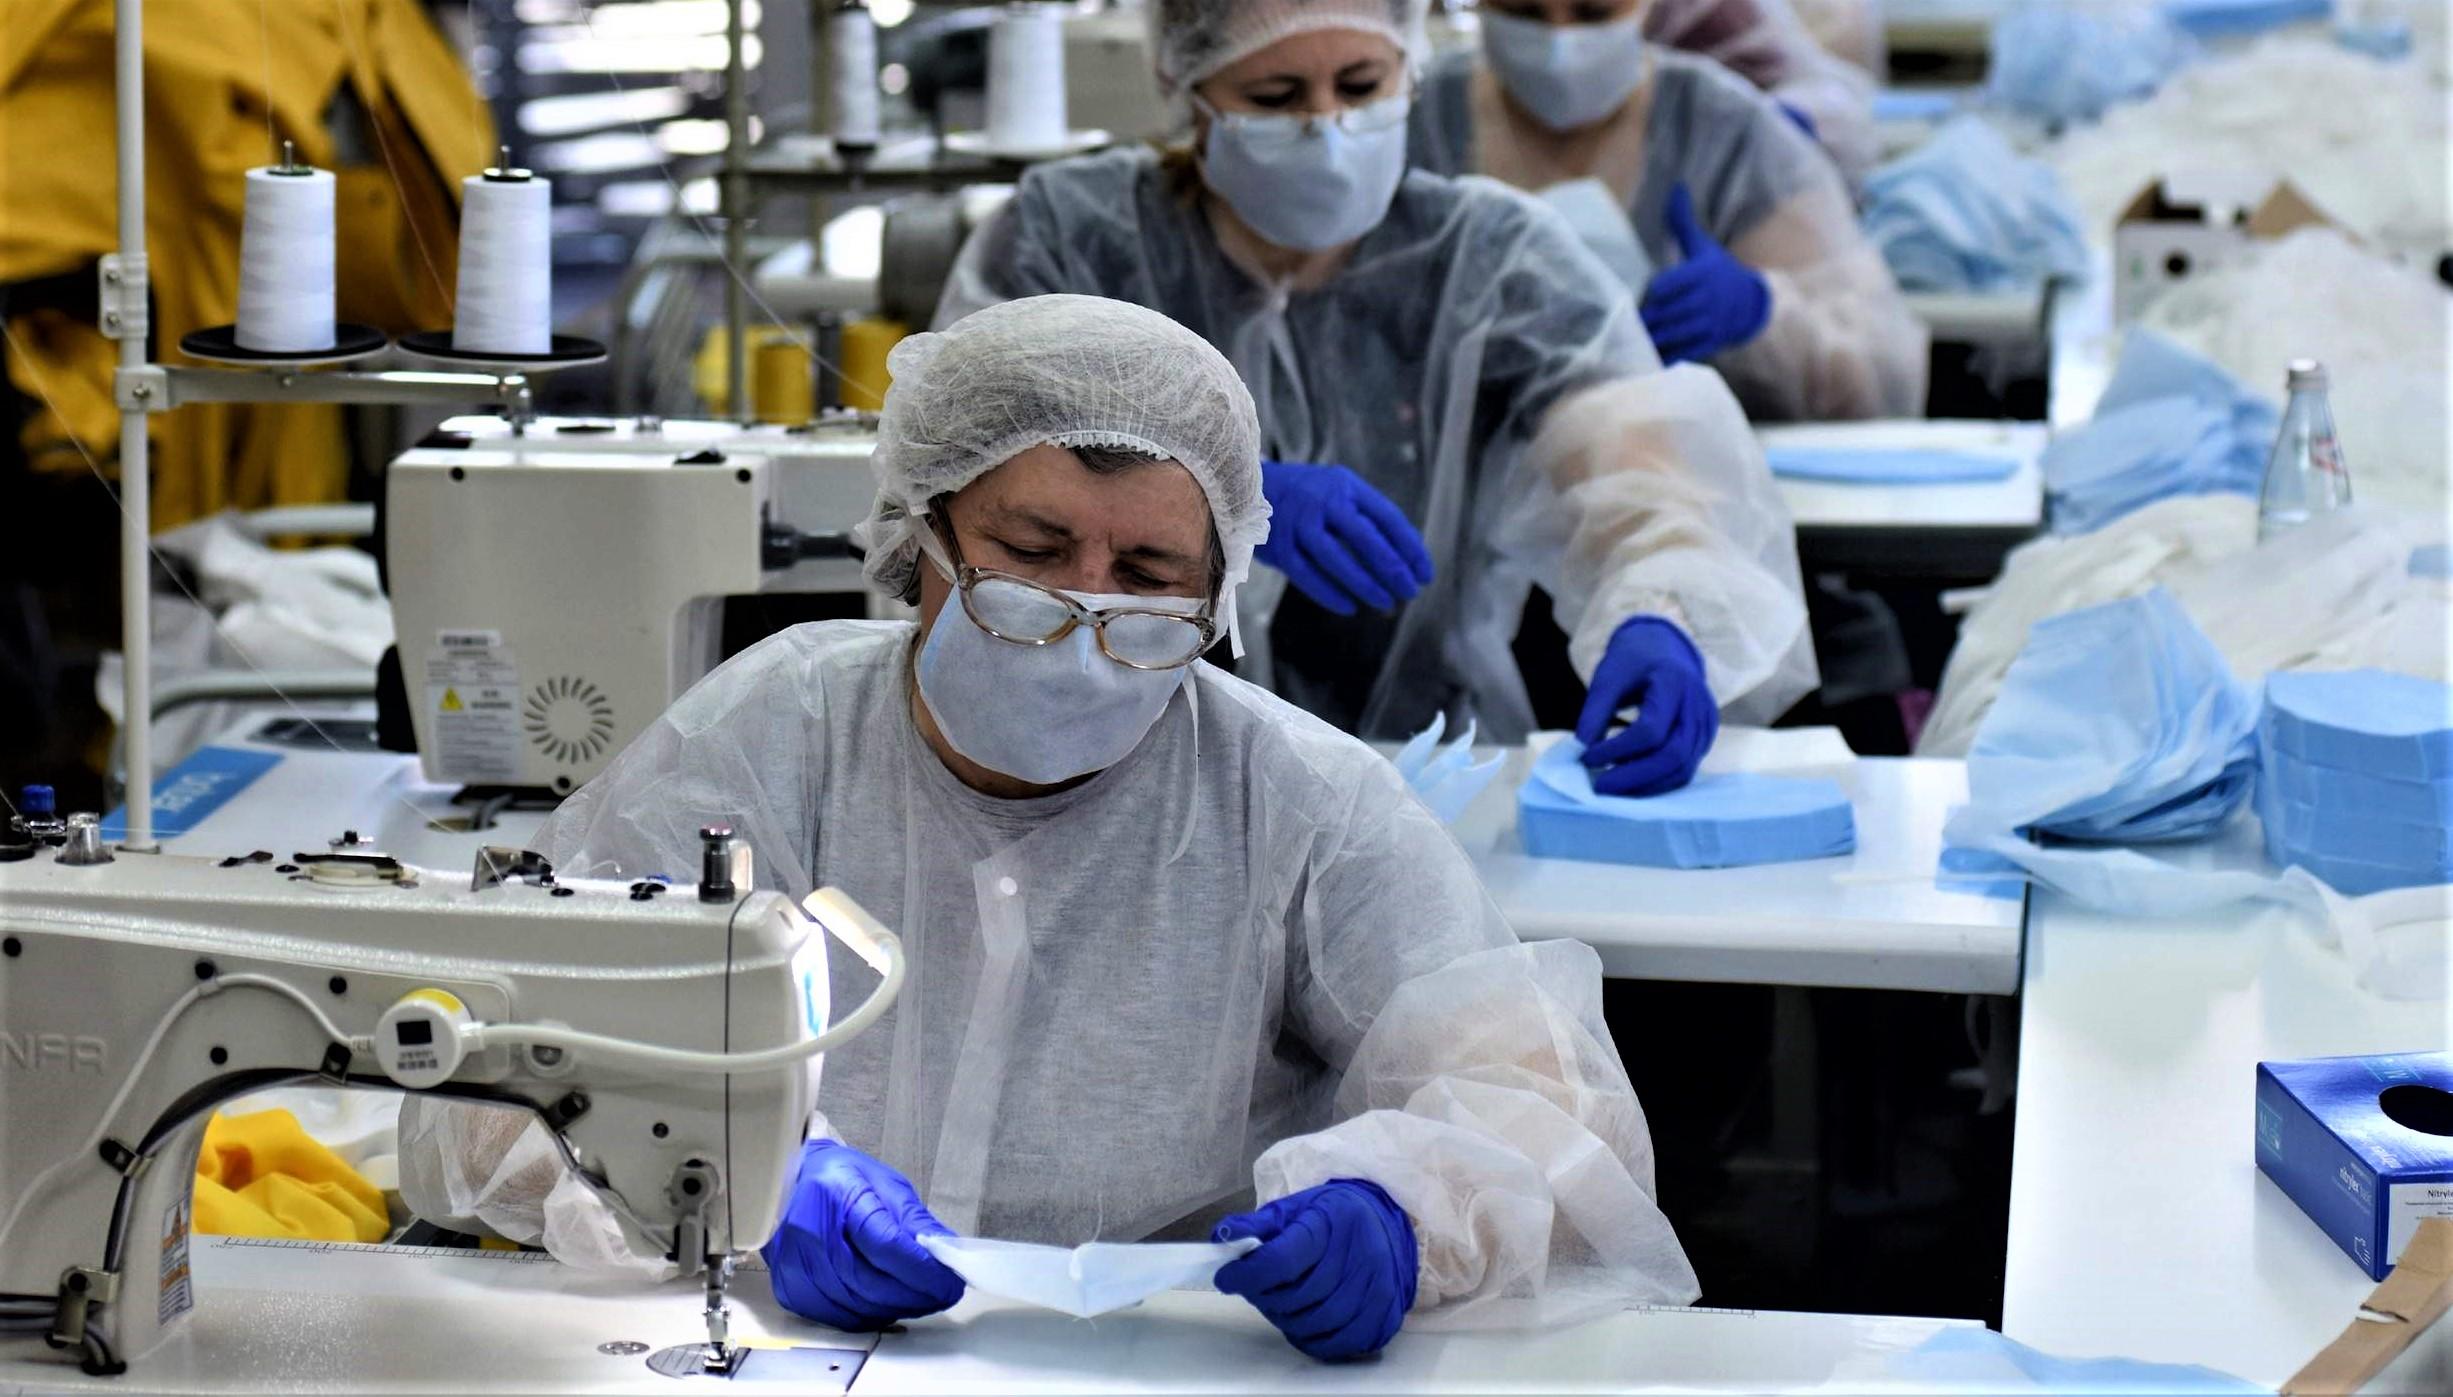 Le Maroc a lancé la production de 5 millions de masques de protection par jour et ce, depuis le 15 avril. (Ph. AFP)